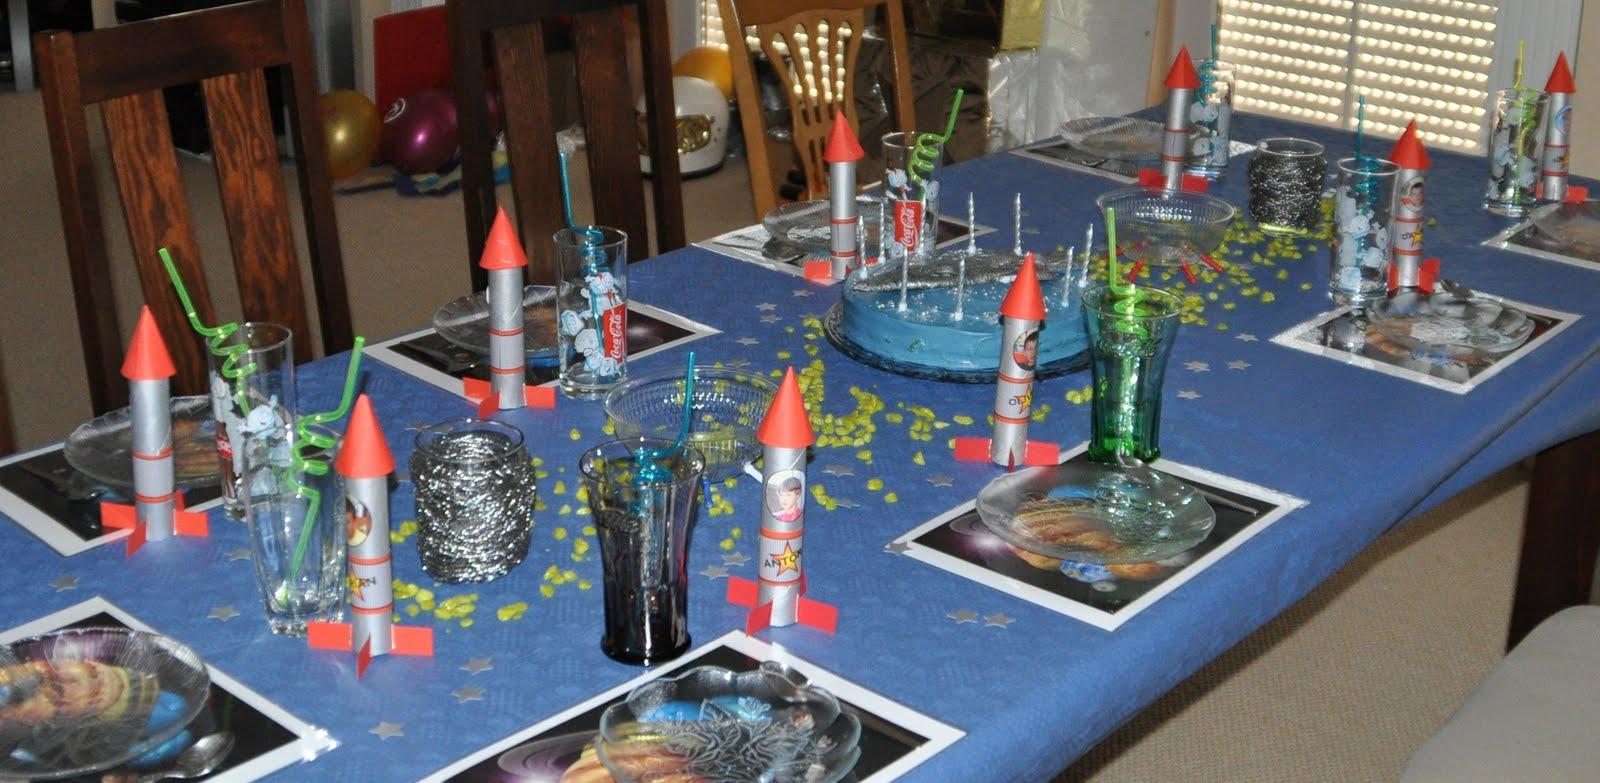 Das Geburtstagskind Fliegt Die Mit Silberner Speisefarbe Besprühte Rakete  Höchstpersönlich.